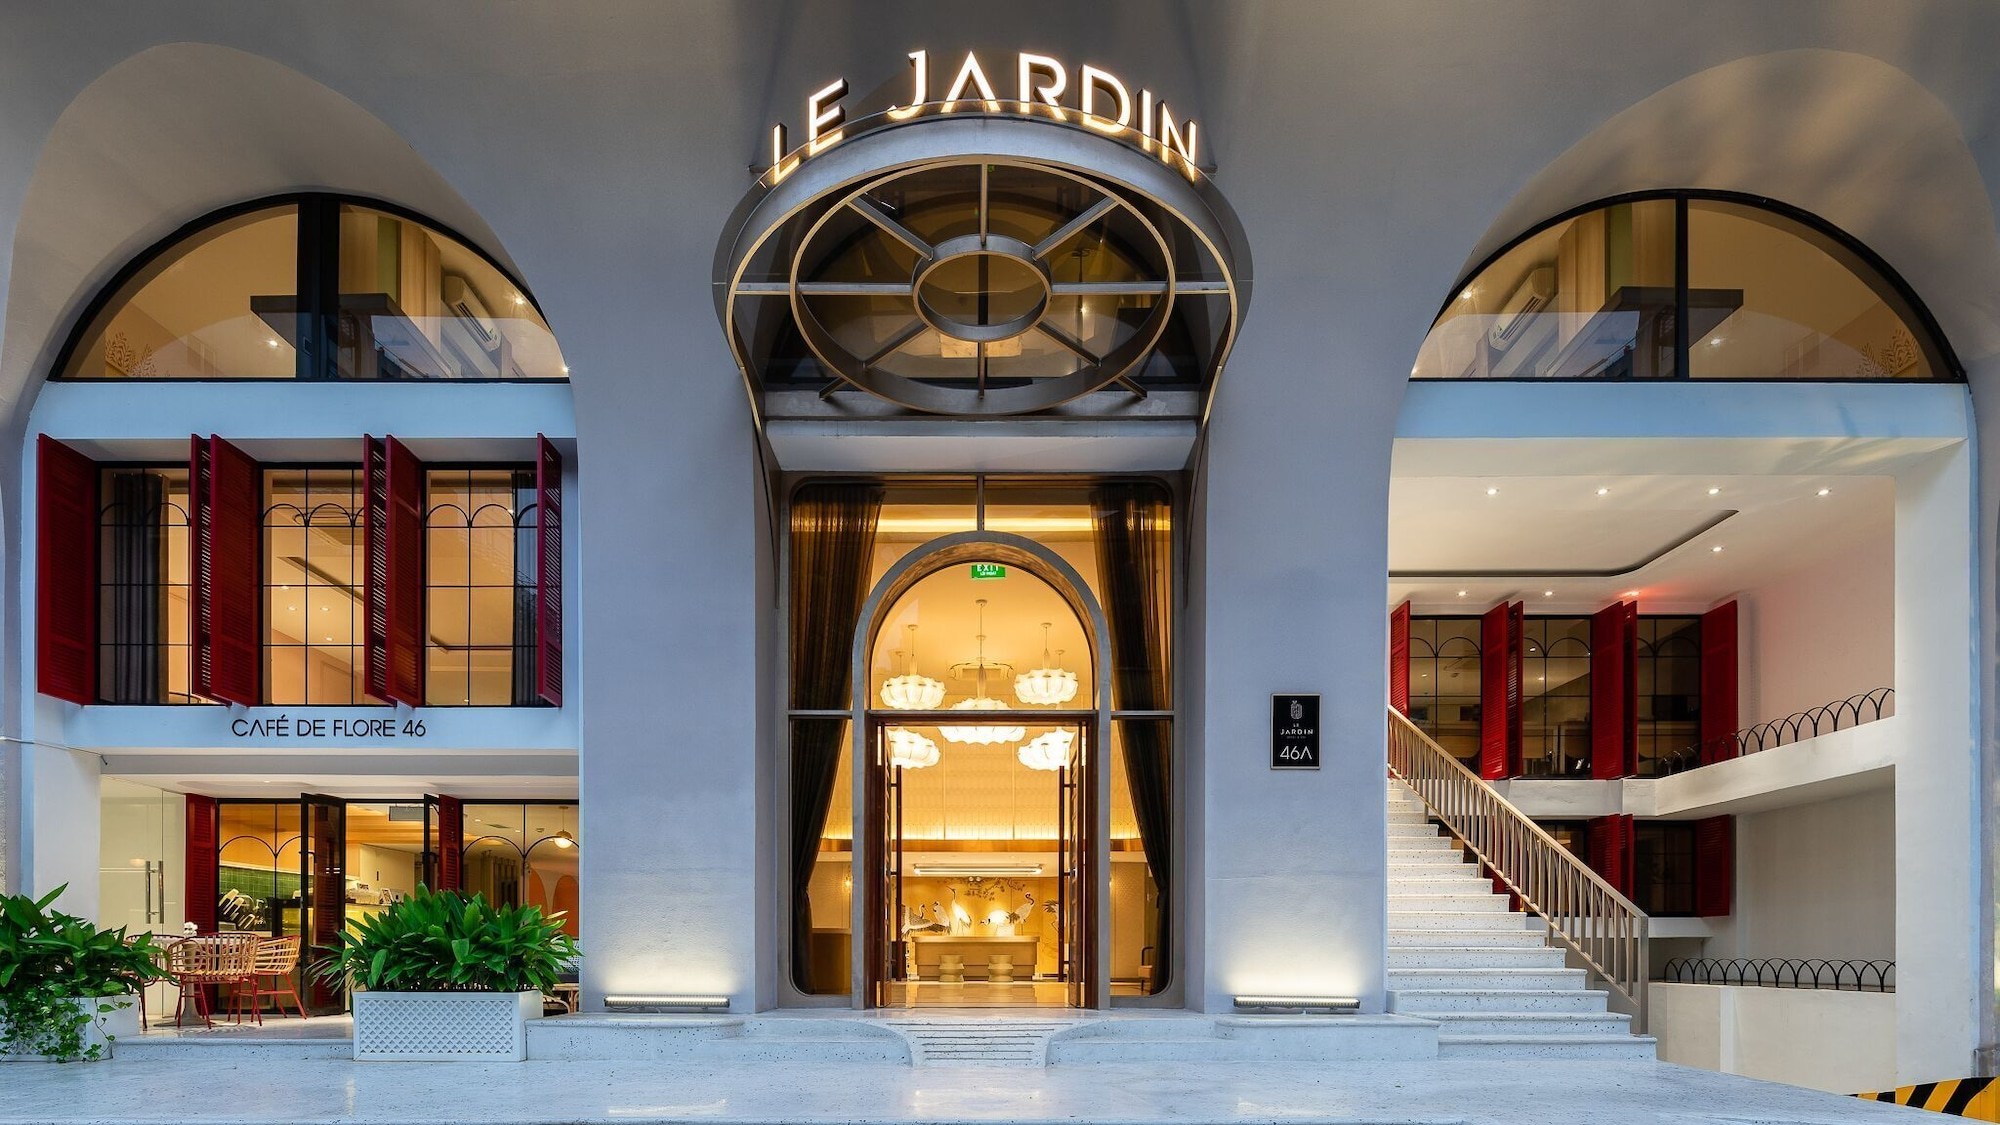 Hanoi Le Jardin Hotel & Spa, Ba Đình